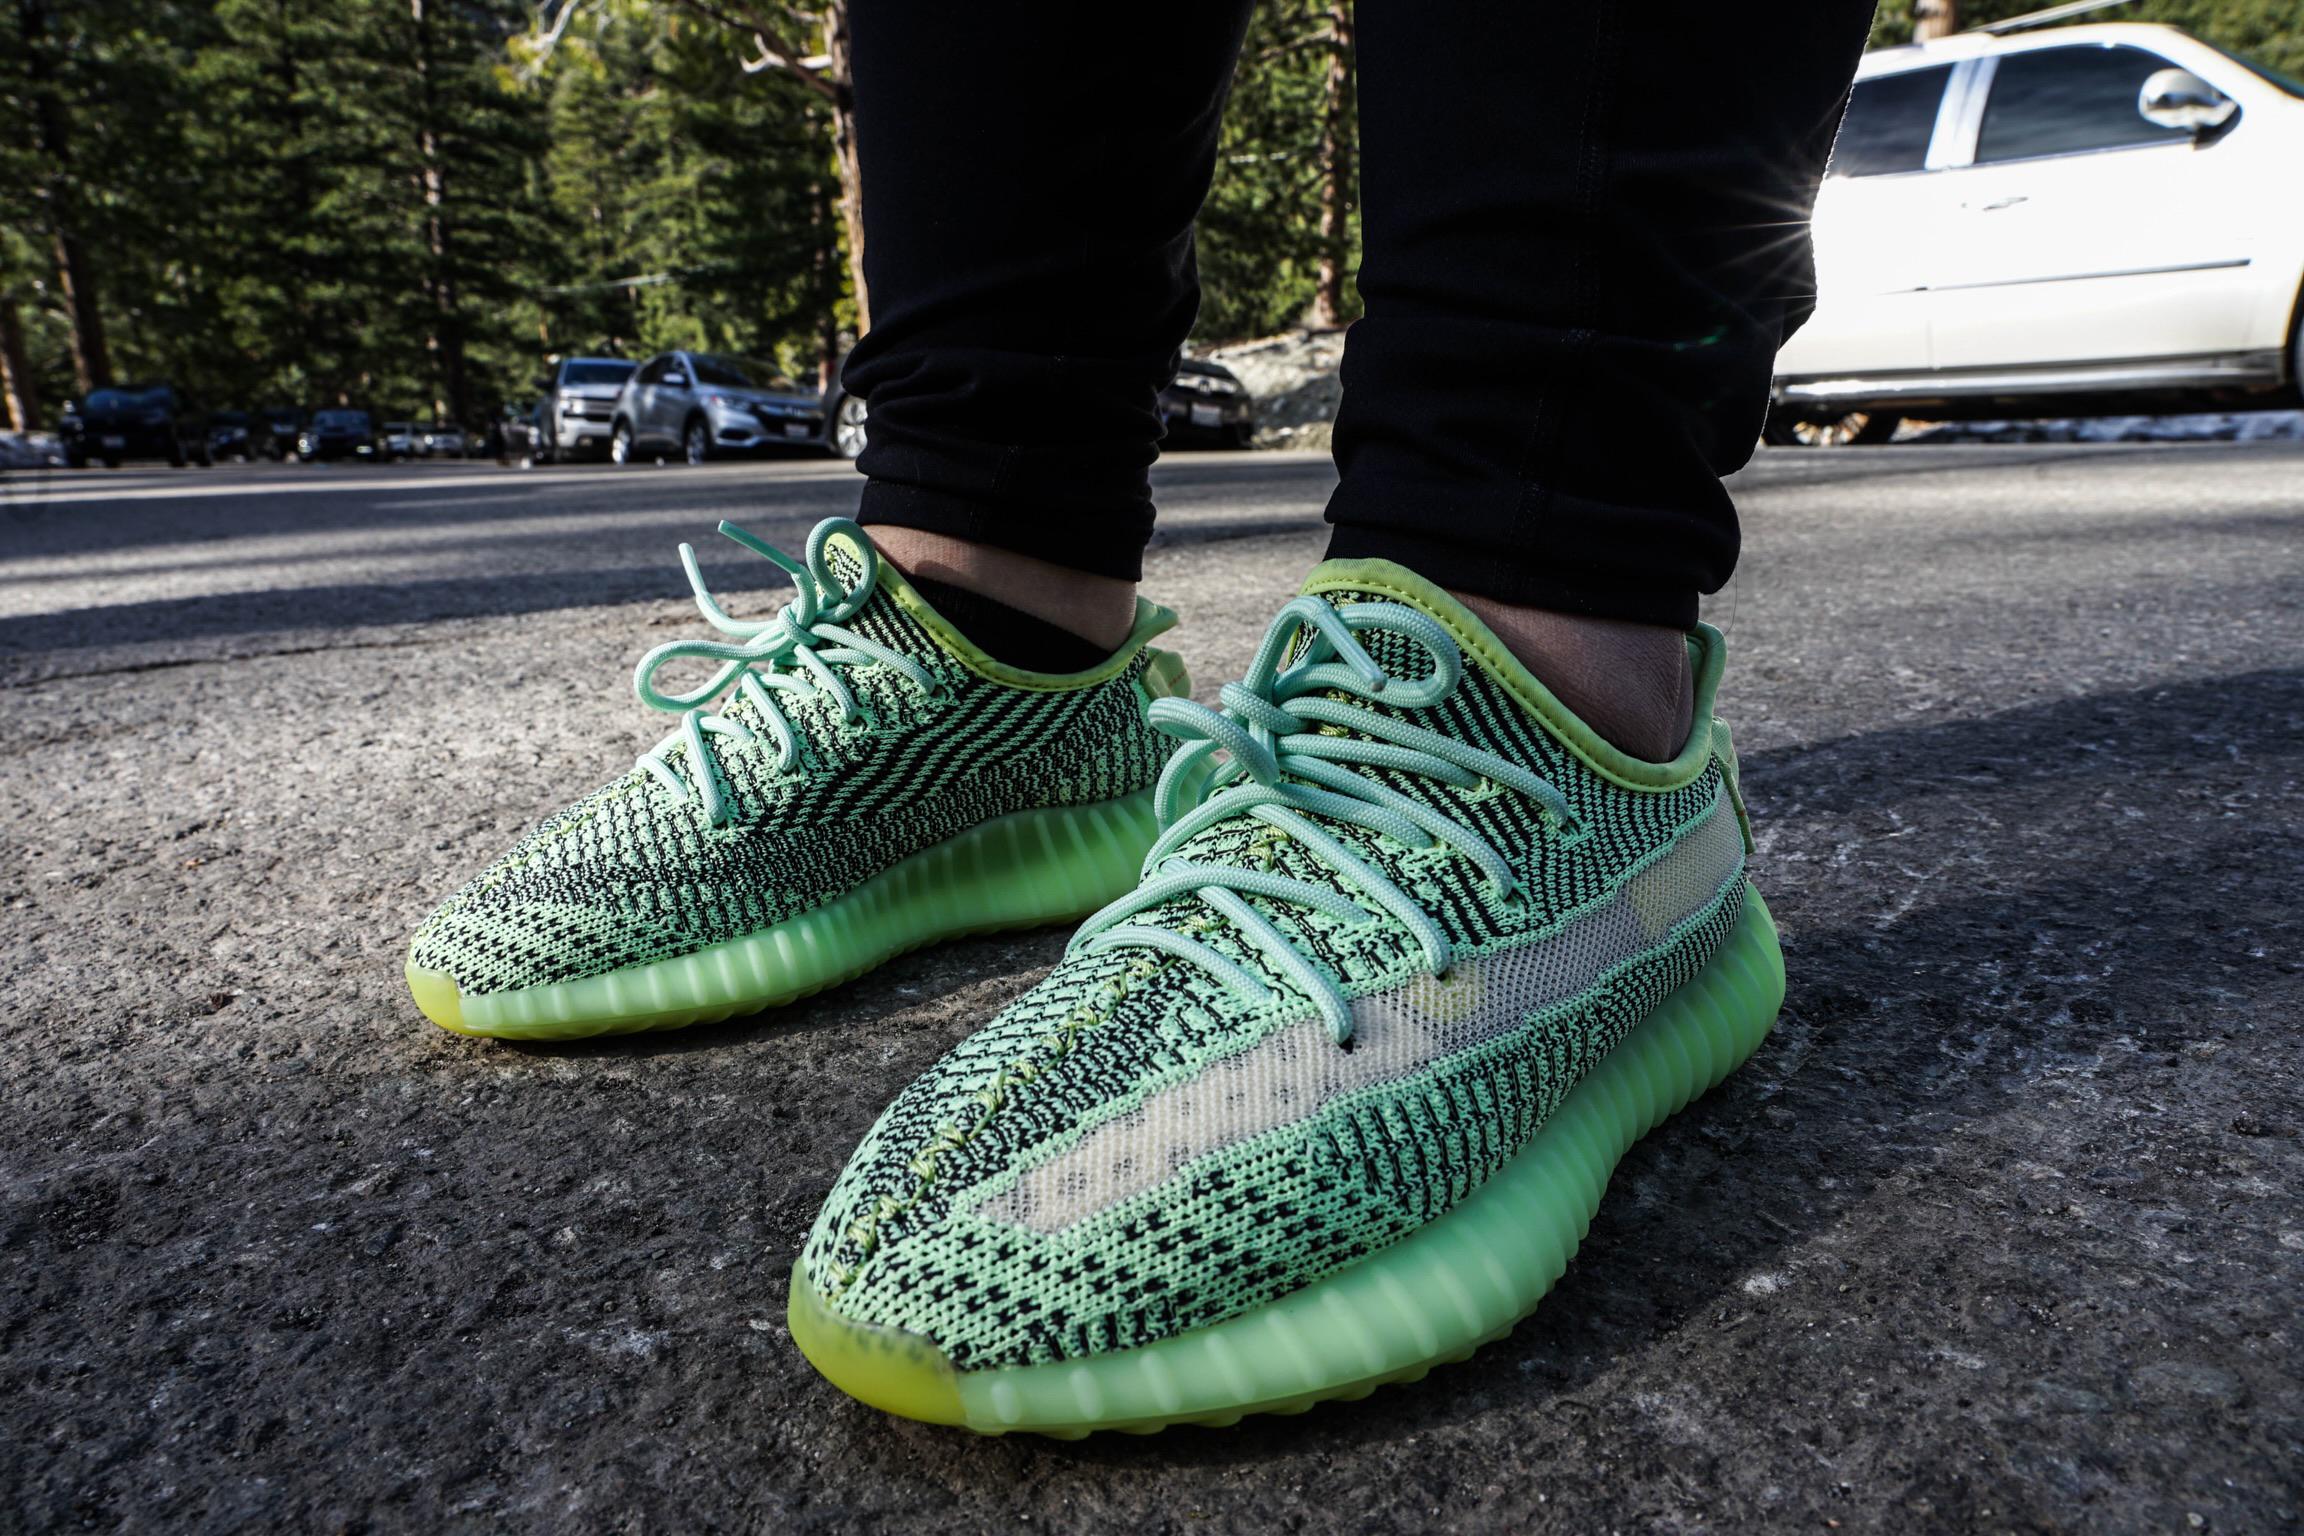 adidas yeezy boost 350 v2 yeezreel non-reflective